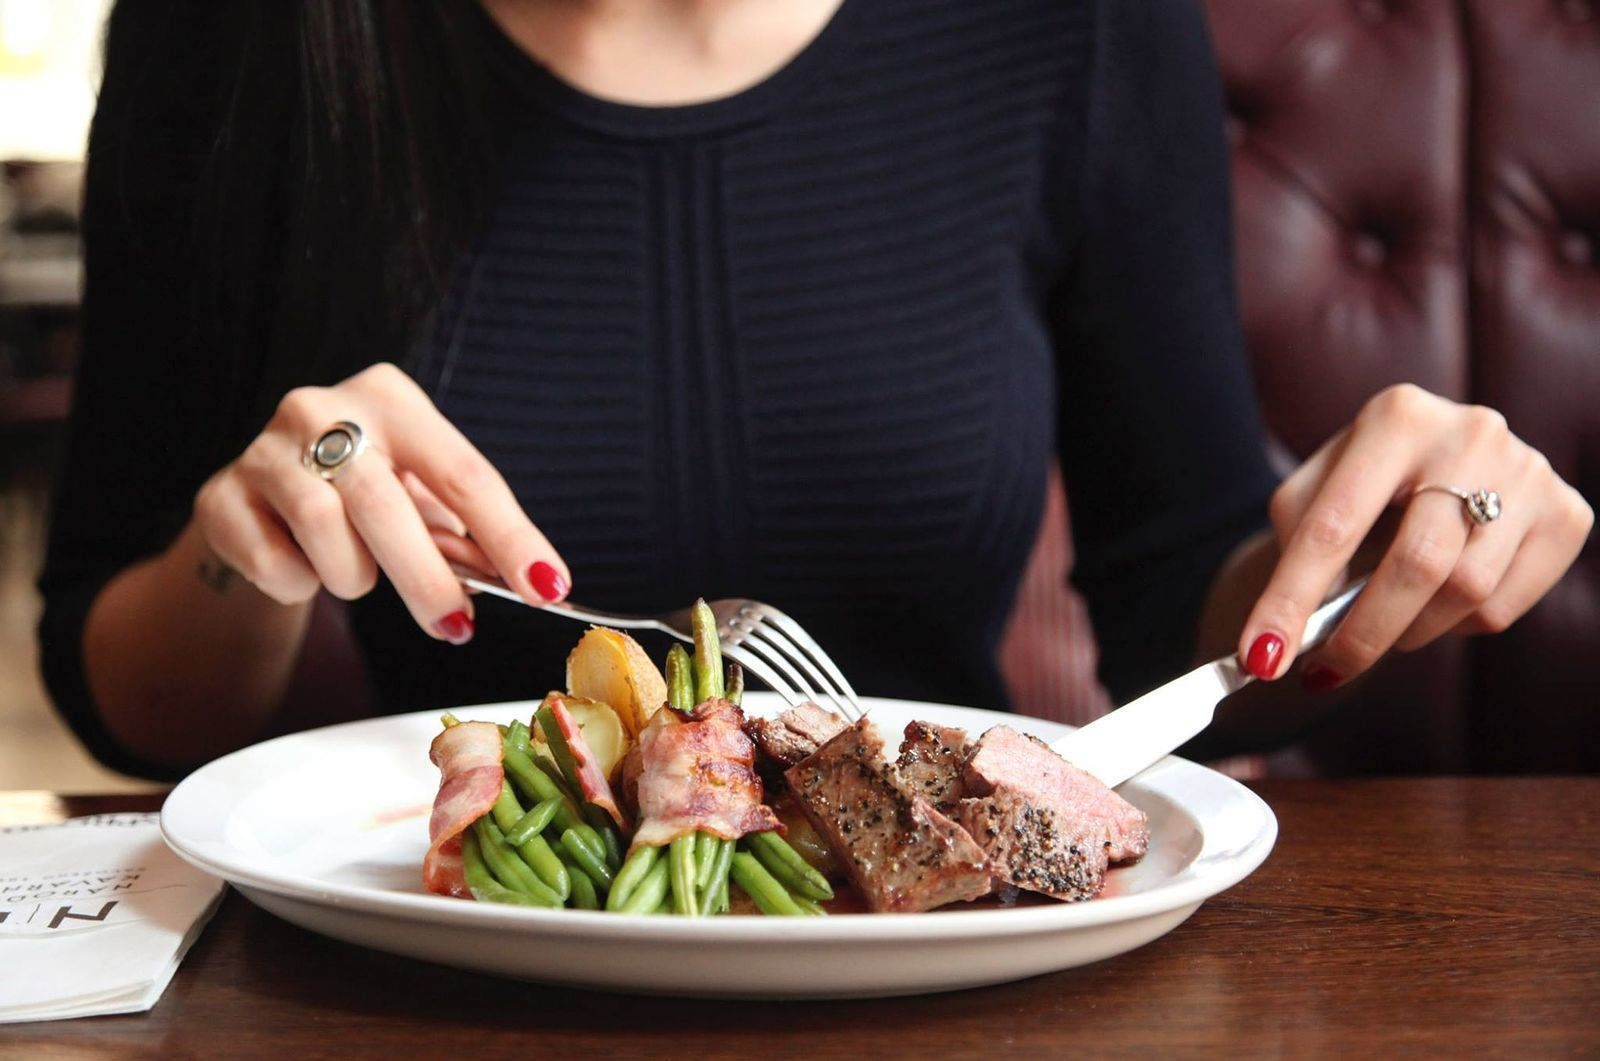 szarvasmarha szalagféreg húsfogyasztása